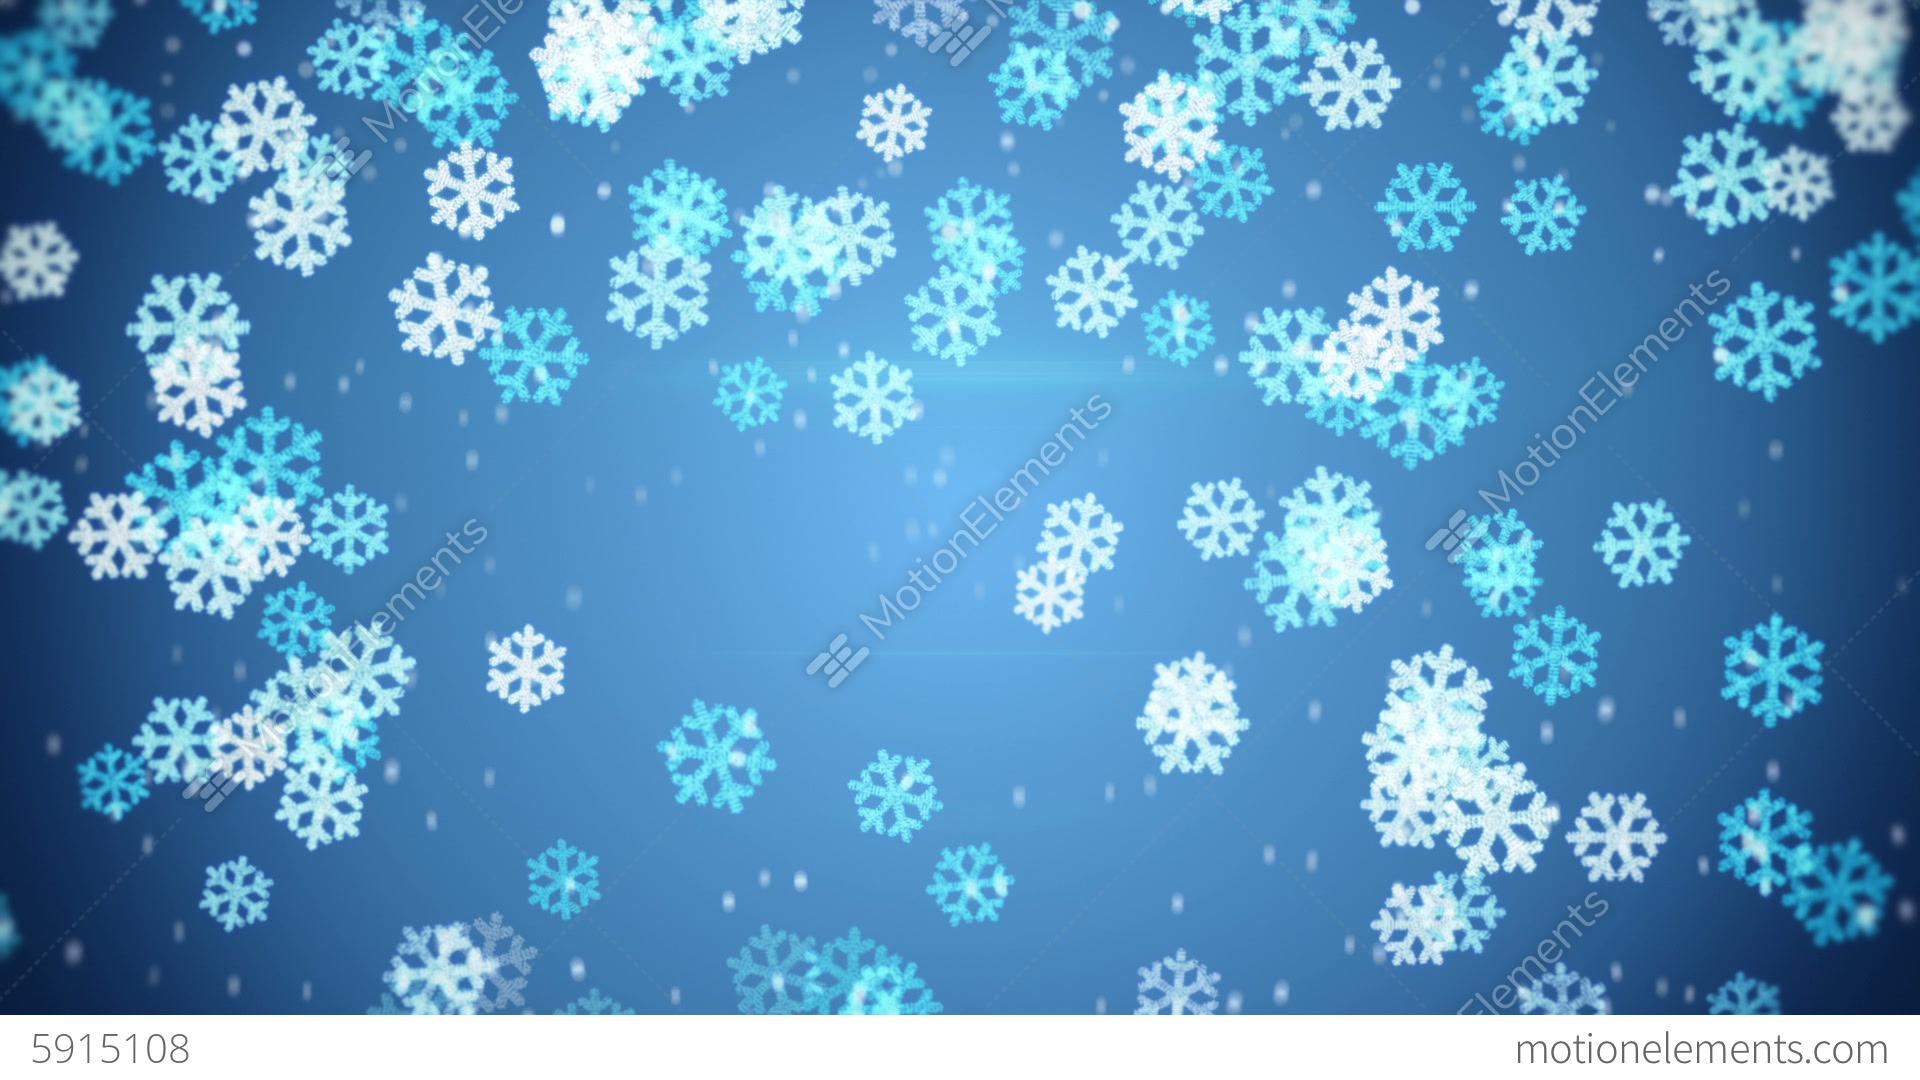 blue glowing snowflakes falling loop background stock